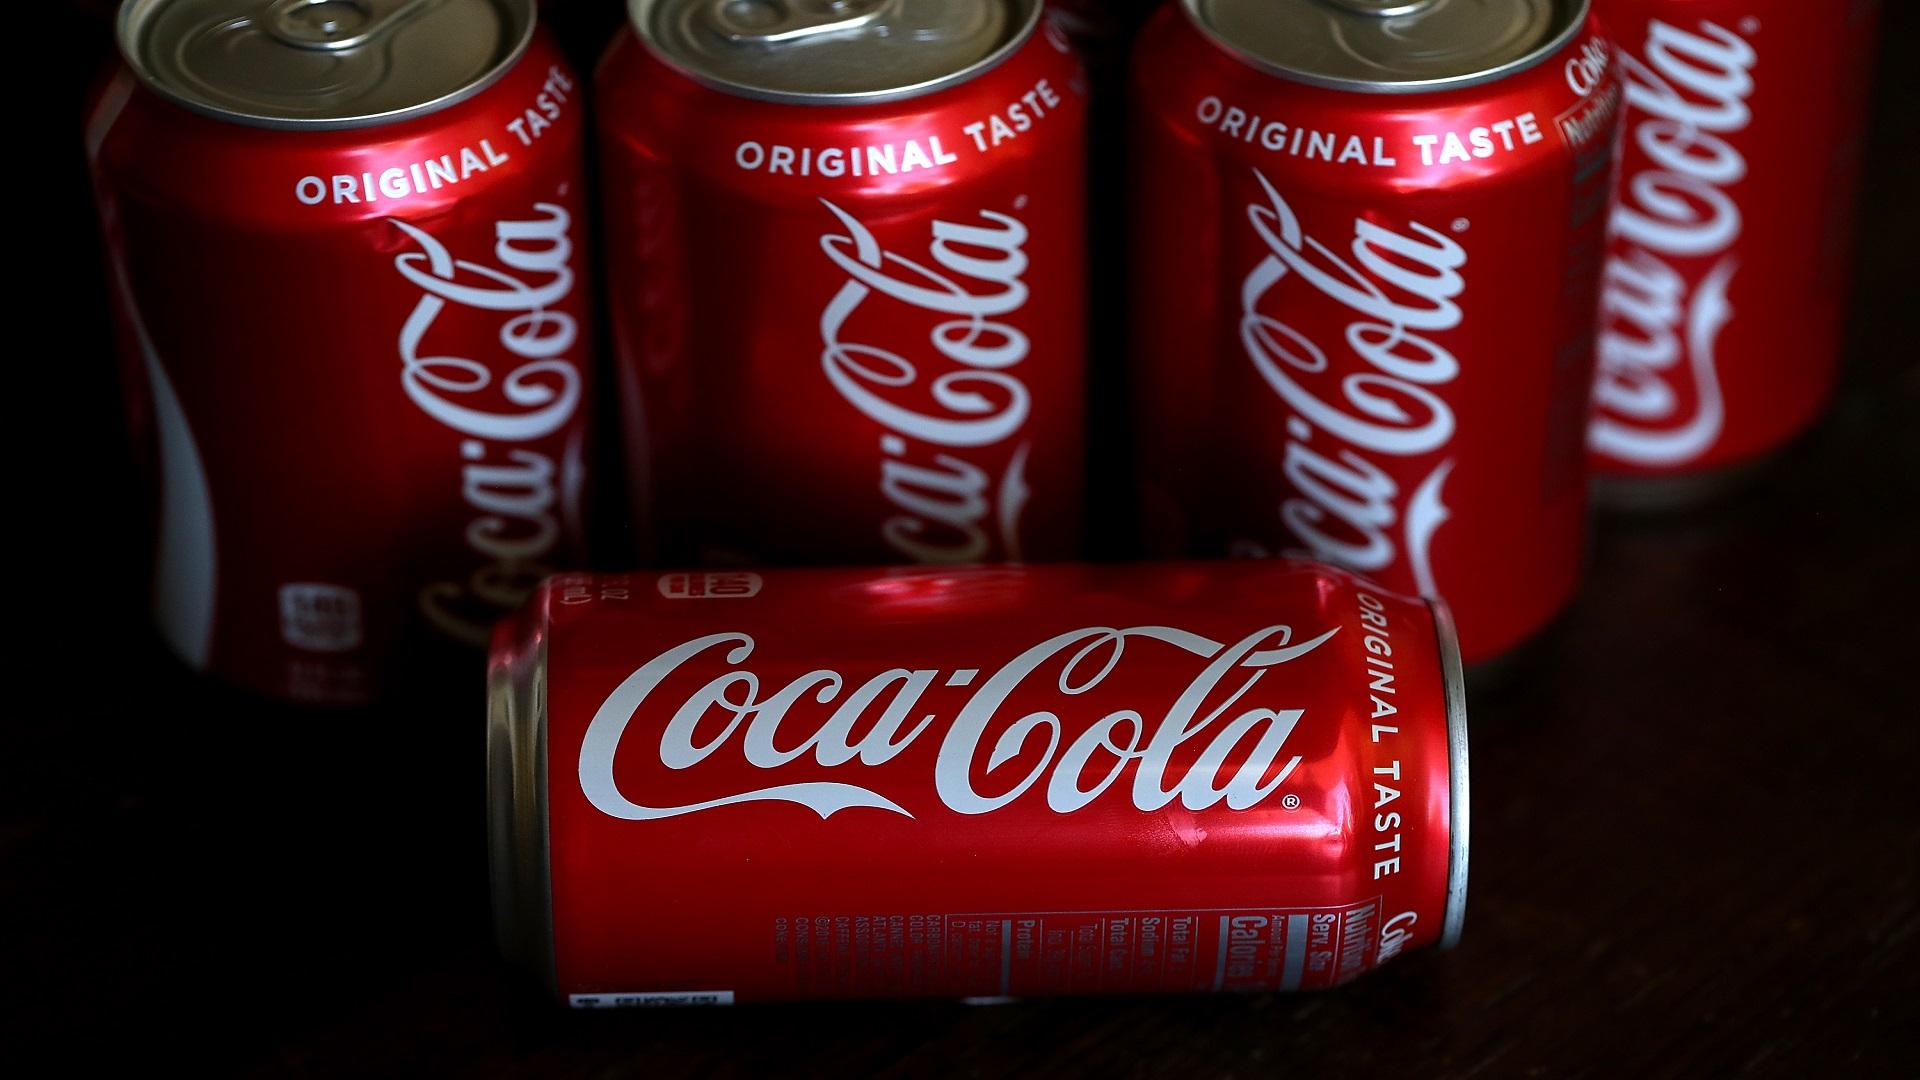 """كوكا كولا تطلق مبادرة """"افتح قلبك أكثر من قبل"""" لدعم المتاجر المحلية الصغيرة في العراق"""